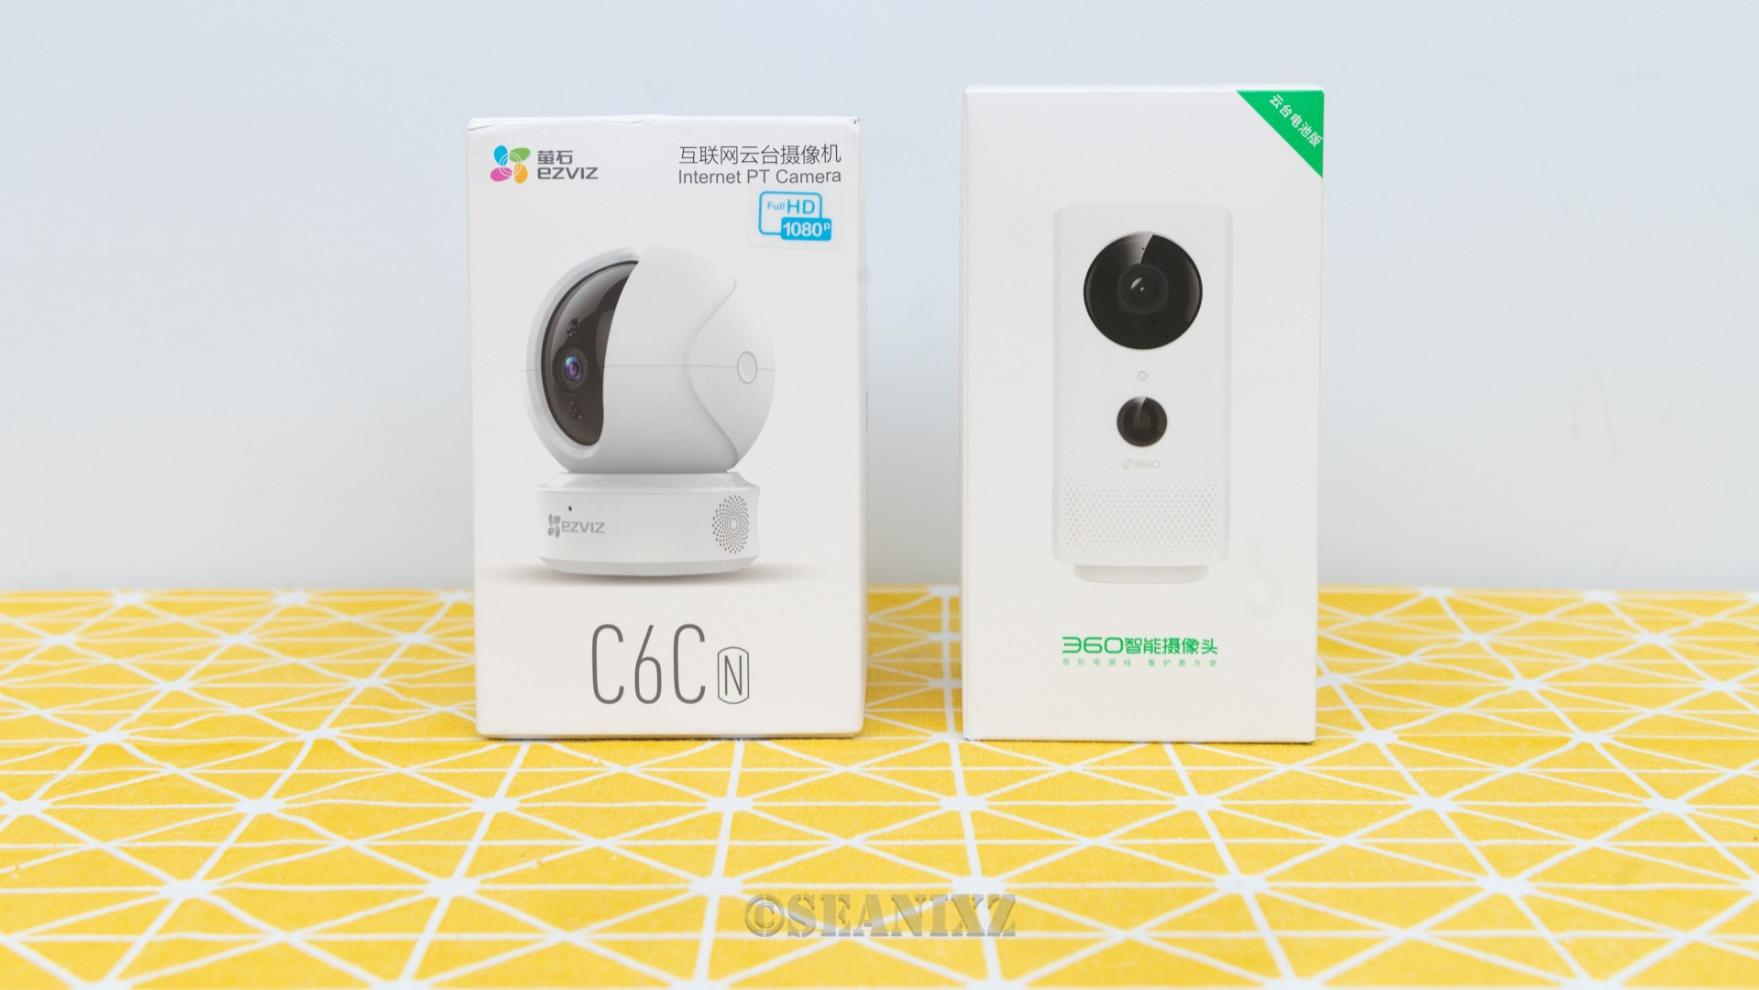 360智能摄像机3C电池版& 萤石C6CN云台摄像机对比评测